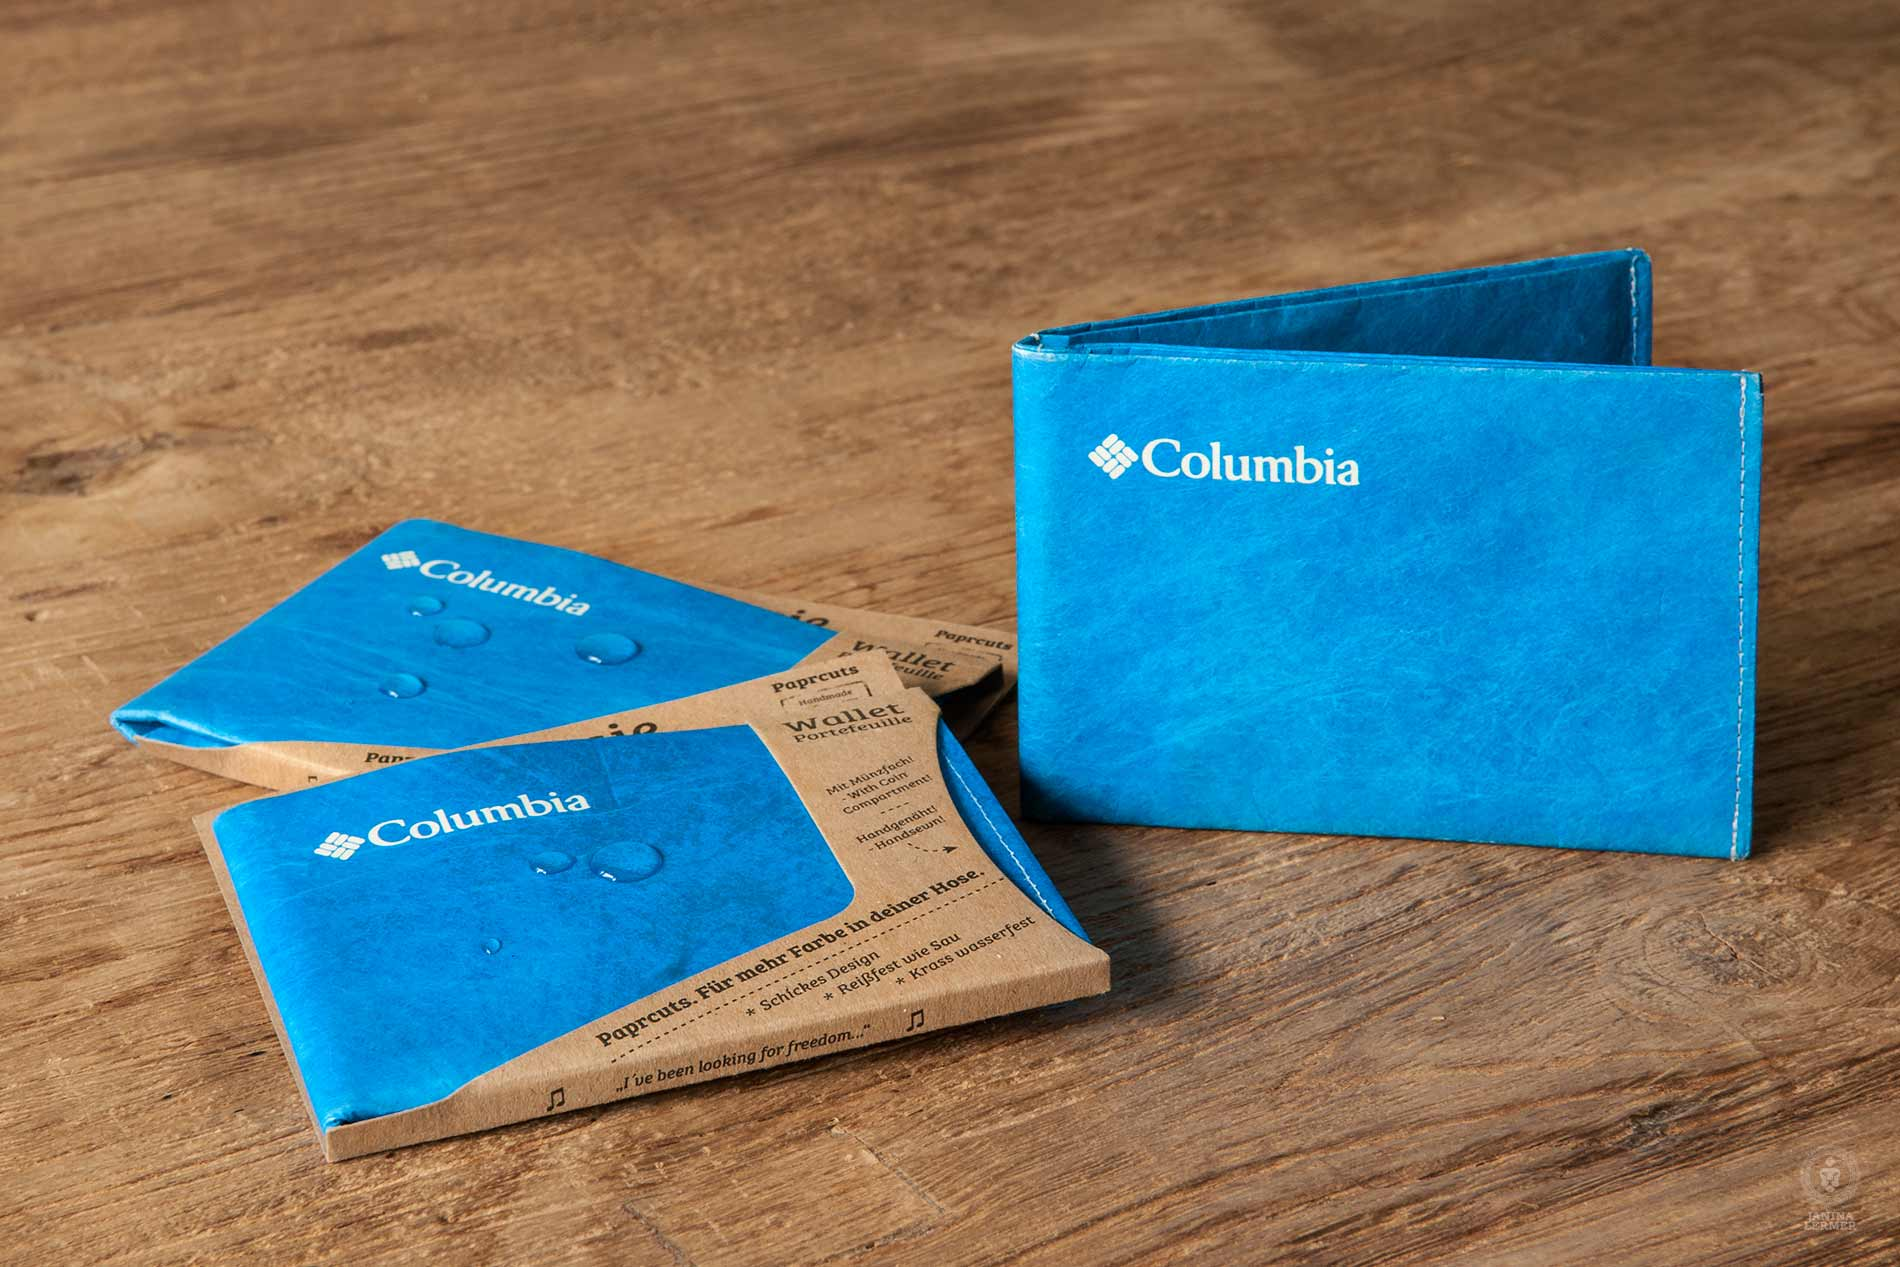 Janina-Lermer-Verpackung-Packaging-Geldbeutel-Wallet-wasserabweisend-waterrepellent-Columbia